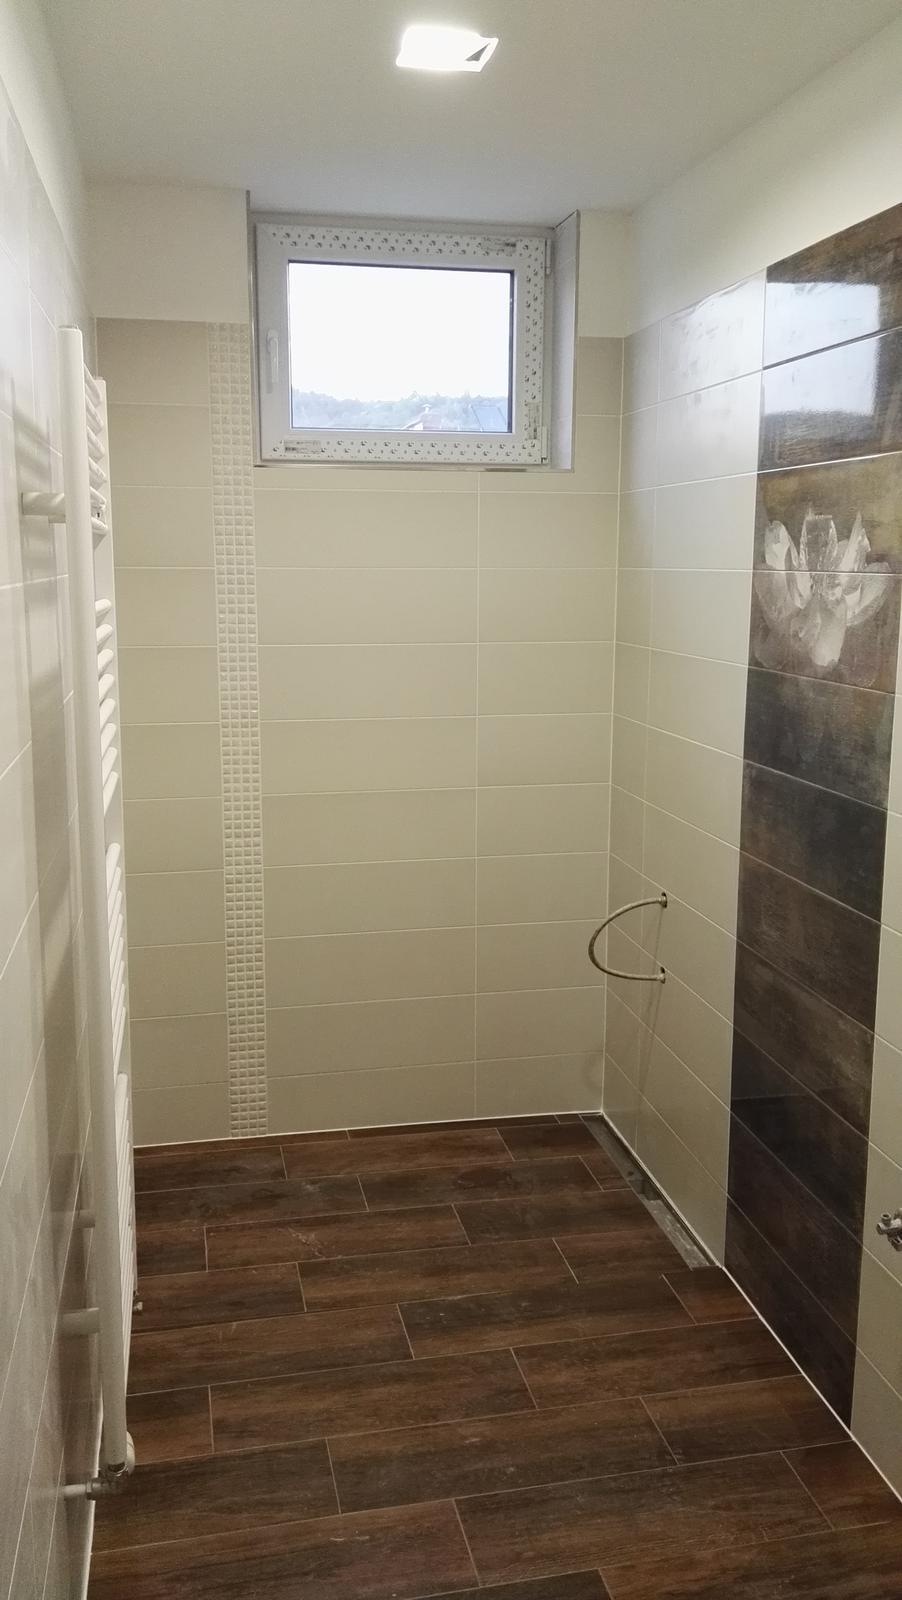 Projekt: Nové bývanie ... - ... čoskoro hotovo ...